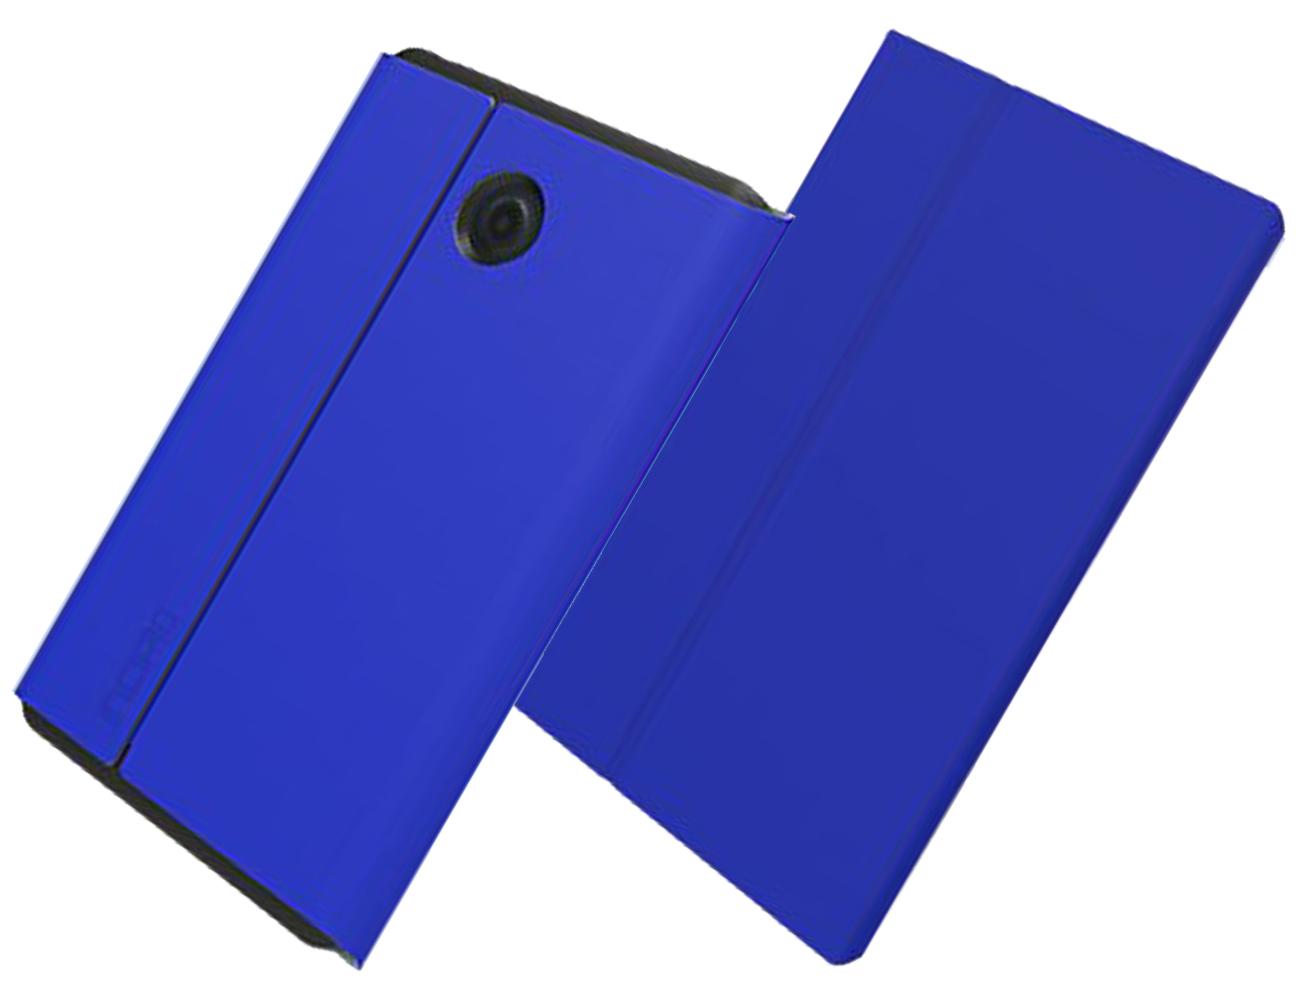 Incipio Faraday Magnetic Closure Folio Case for Verizon Ellipsis Kids, Ellipsis 8 - Dark Blue